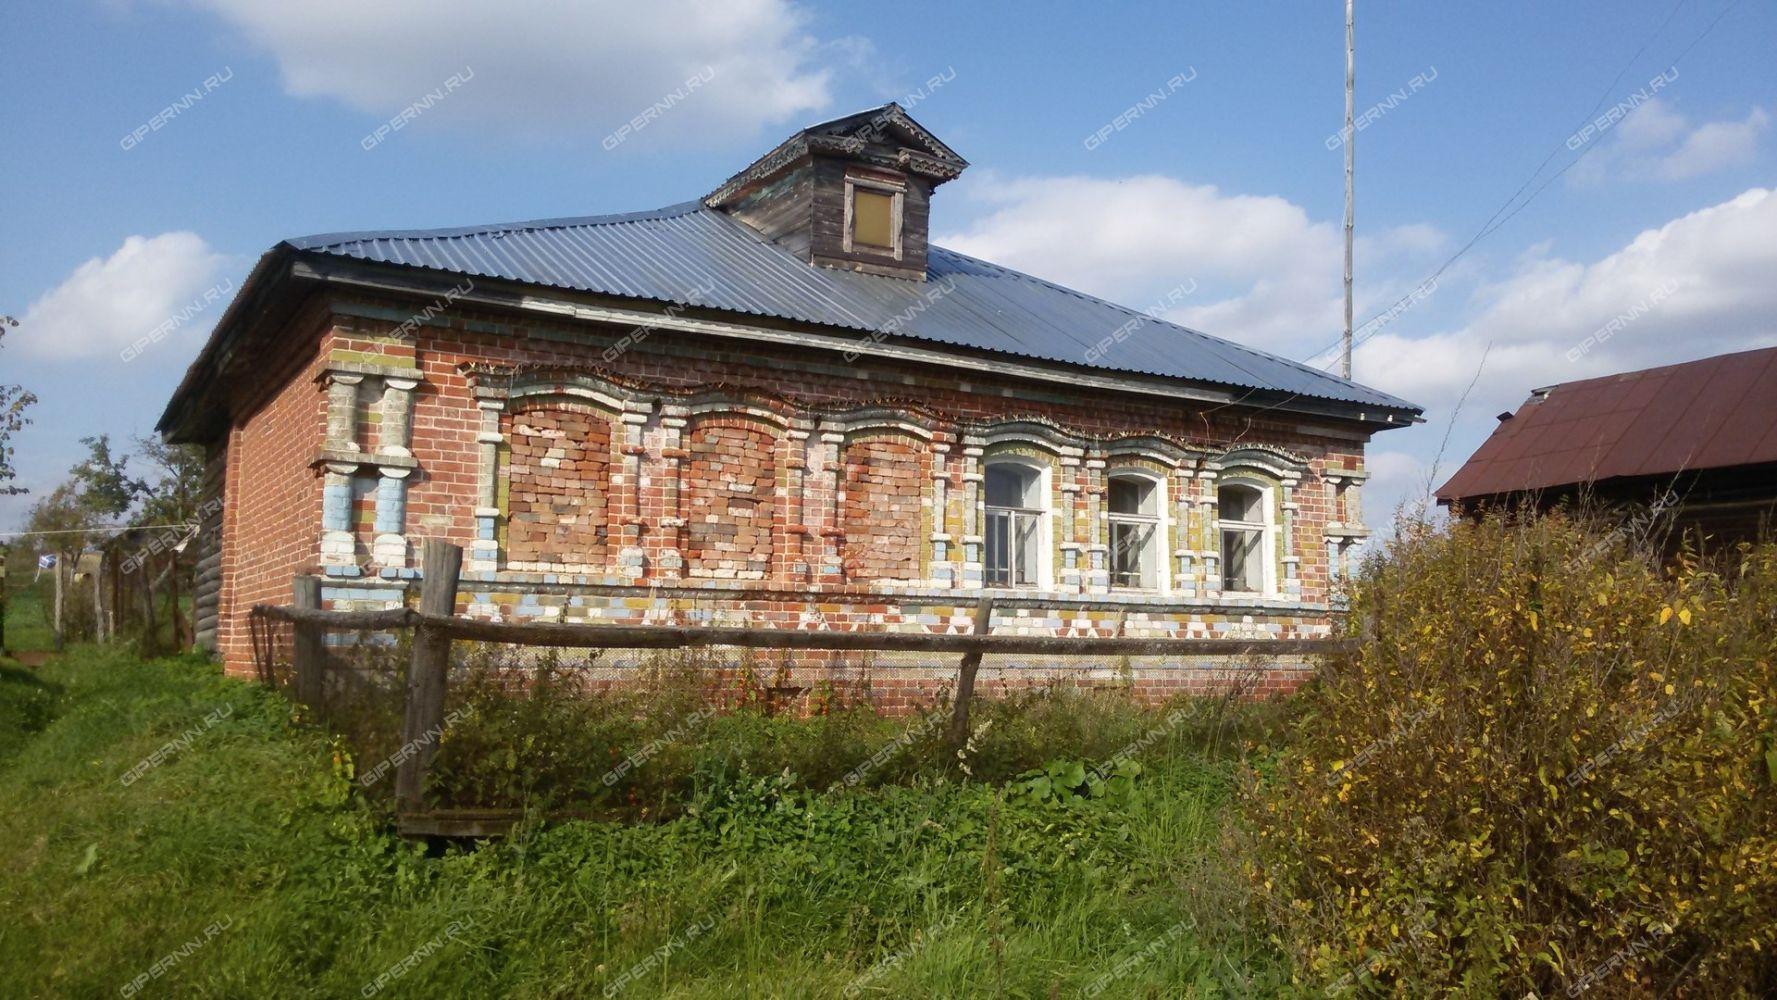 Аналитика коммерческая недвижимость нижегородская область налогообложение сдача в аренду коммерческой недвижимости